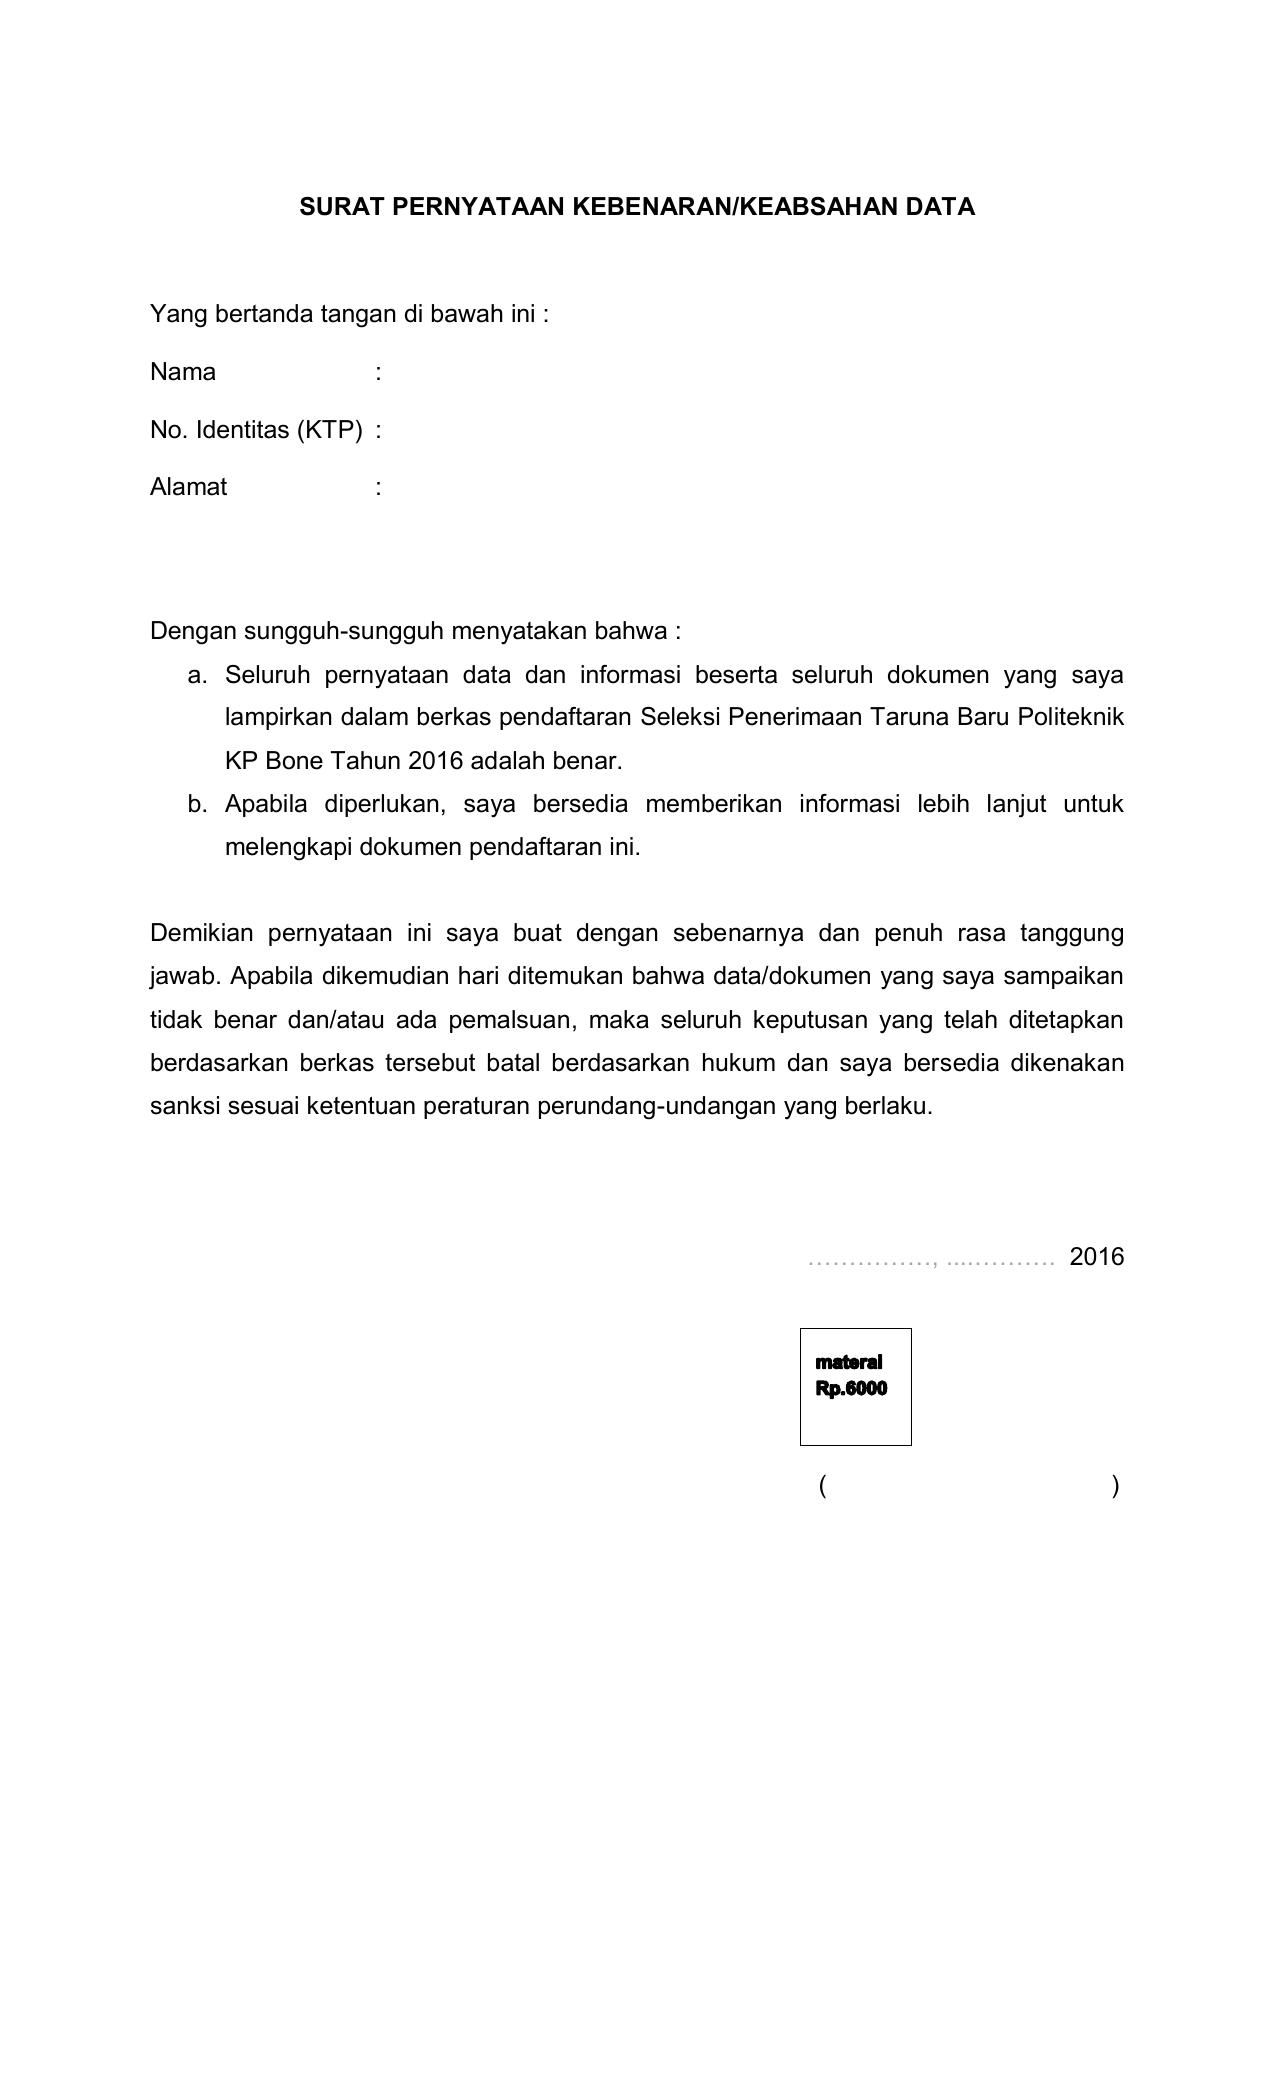 17++ Contoh surat pernyataan bermaterai mengenai keaslian dokumen terbaru terbaik